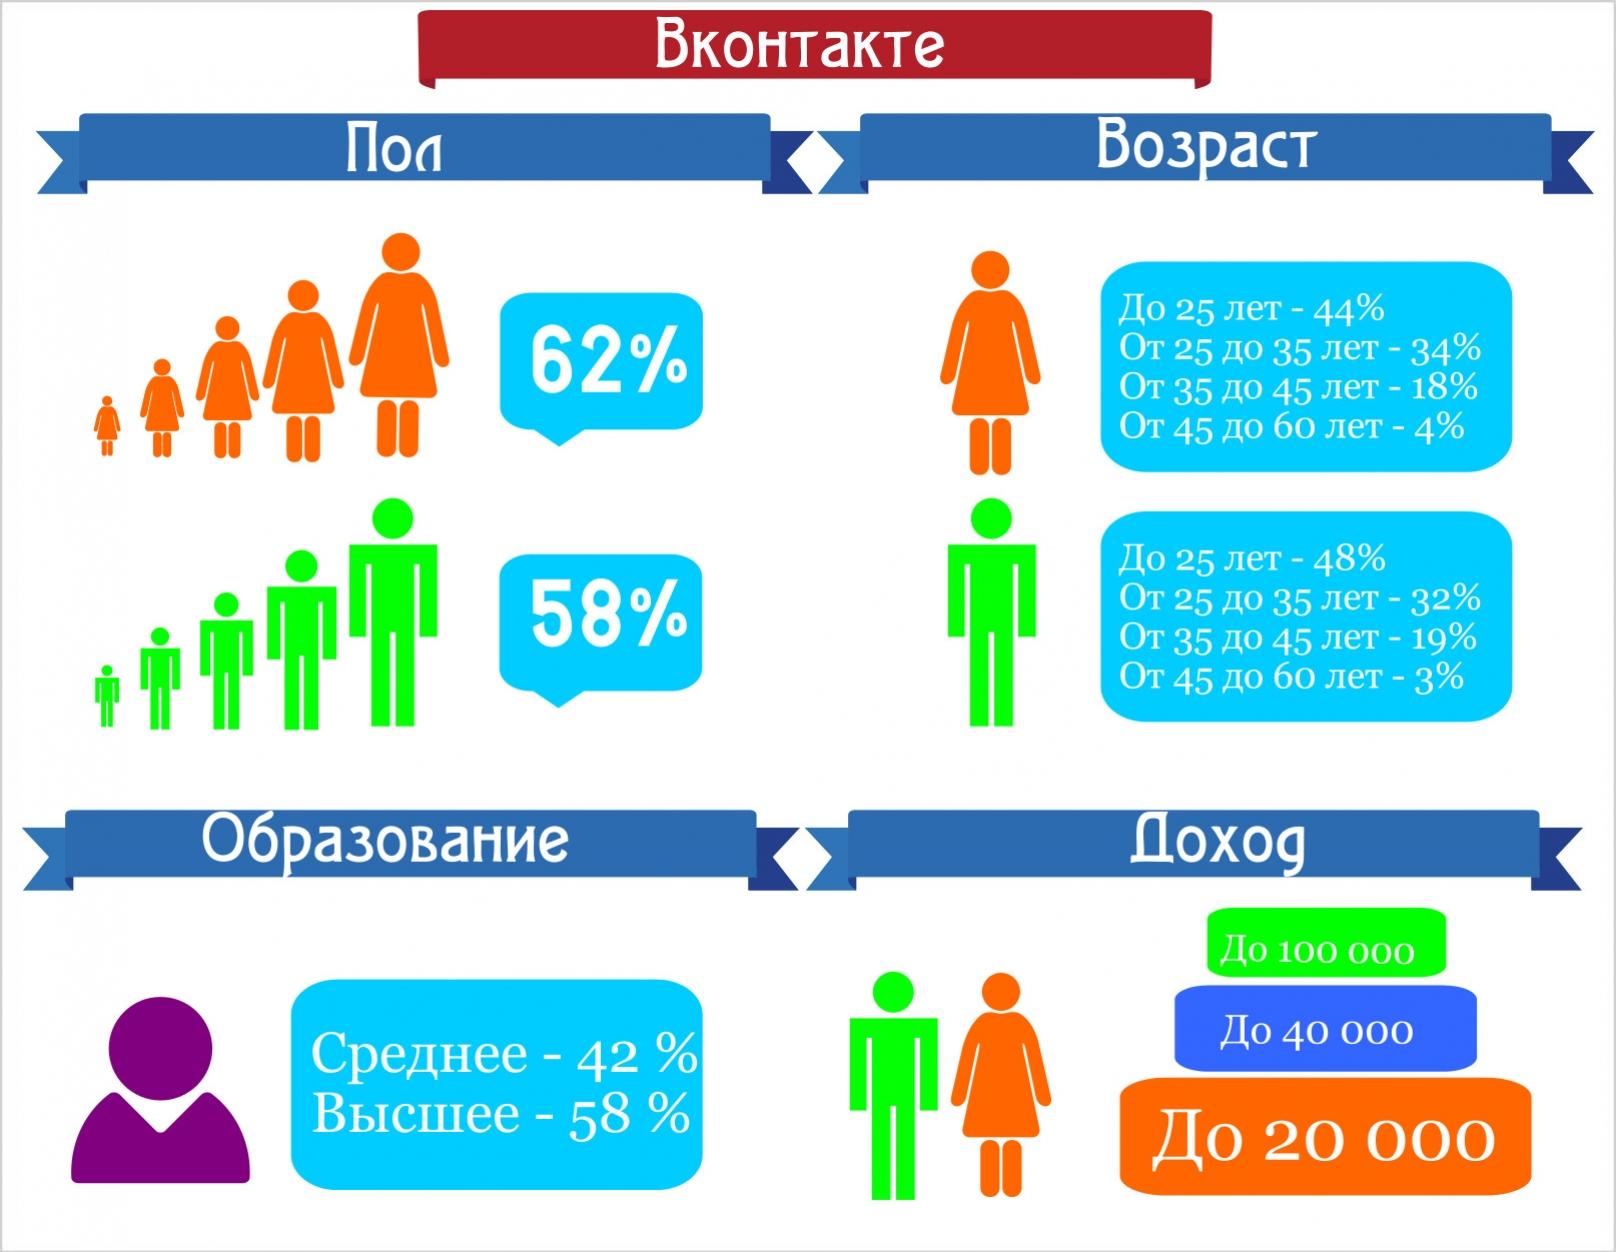 Аудитория пользователей Вконтакте